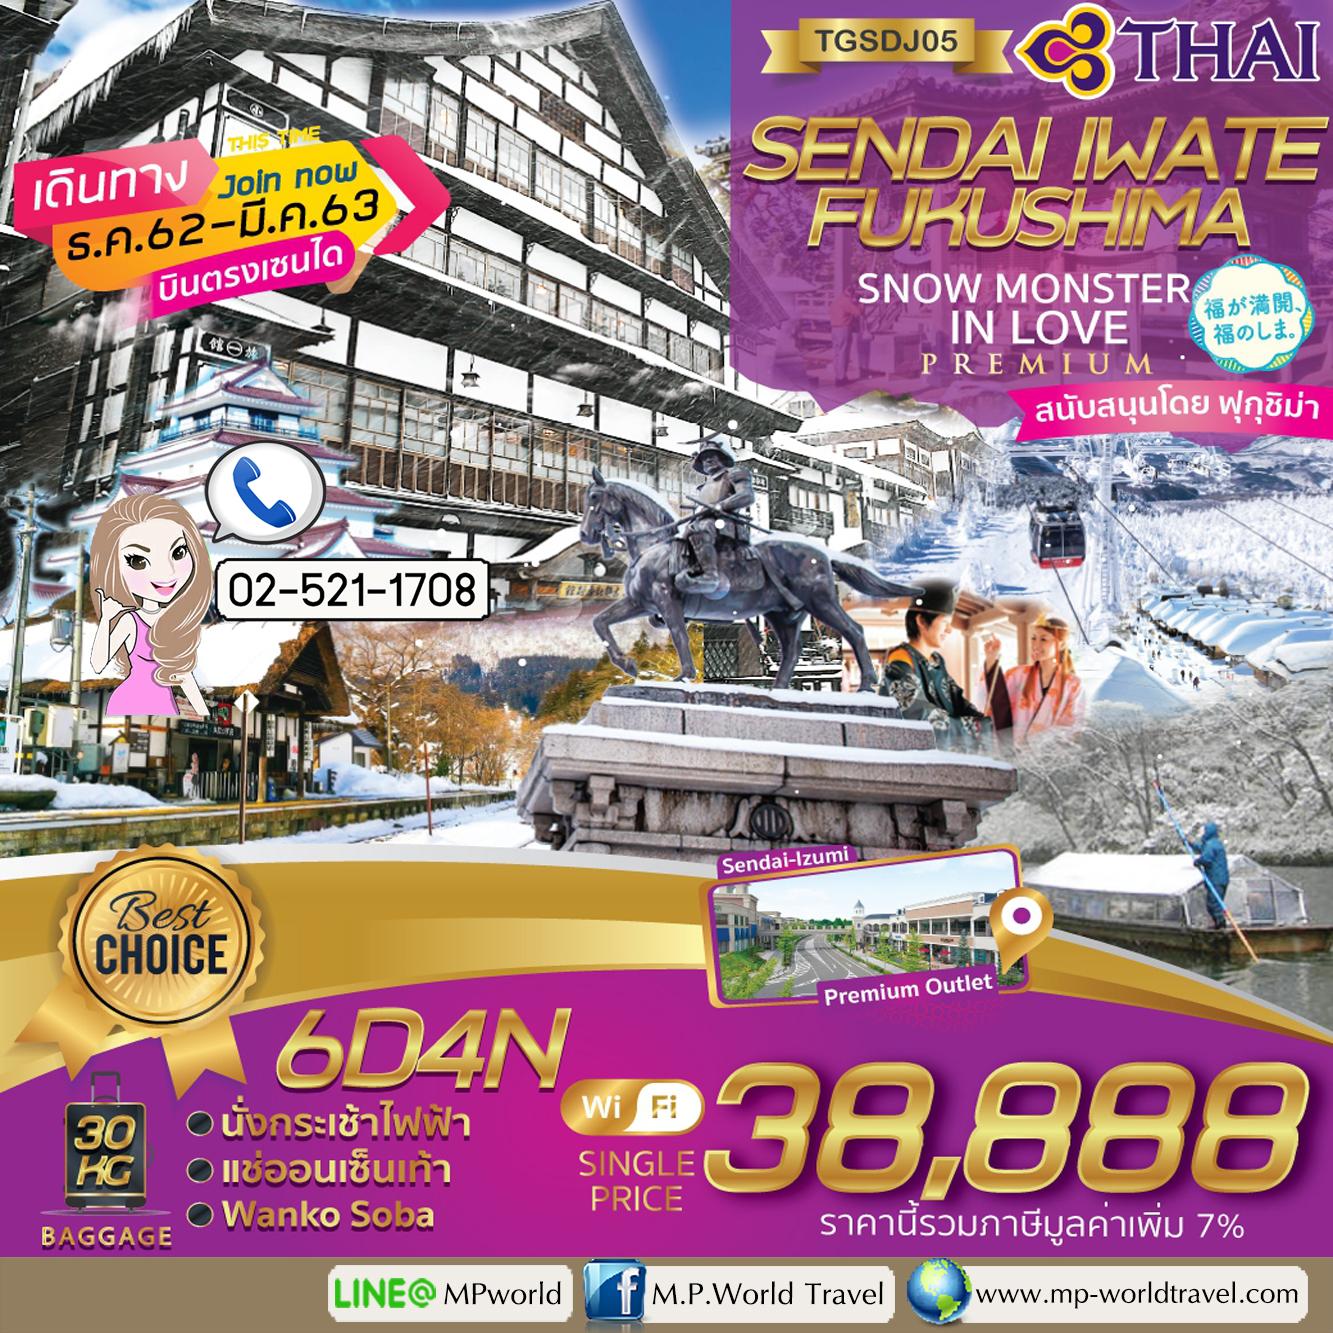 TGSDJ05 SENDAI IWATE FUKUSHIMA PREMIUM SNOW MONSTER IN LOVE 6D 4N TG